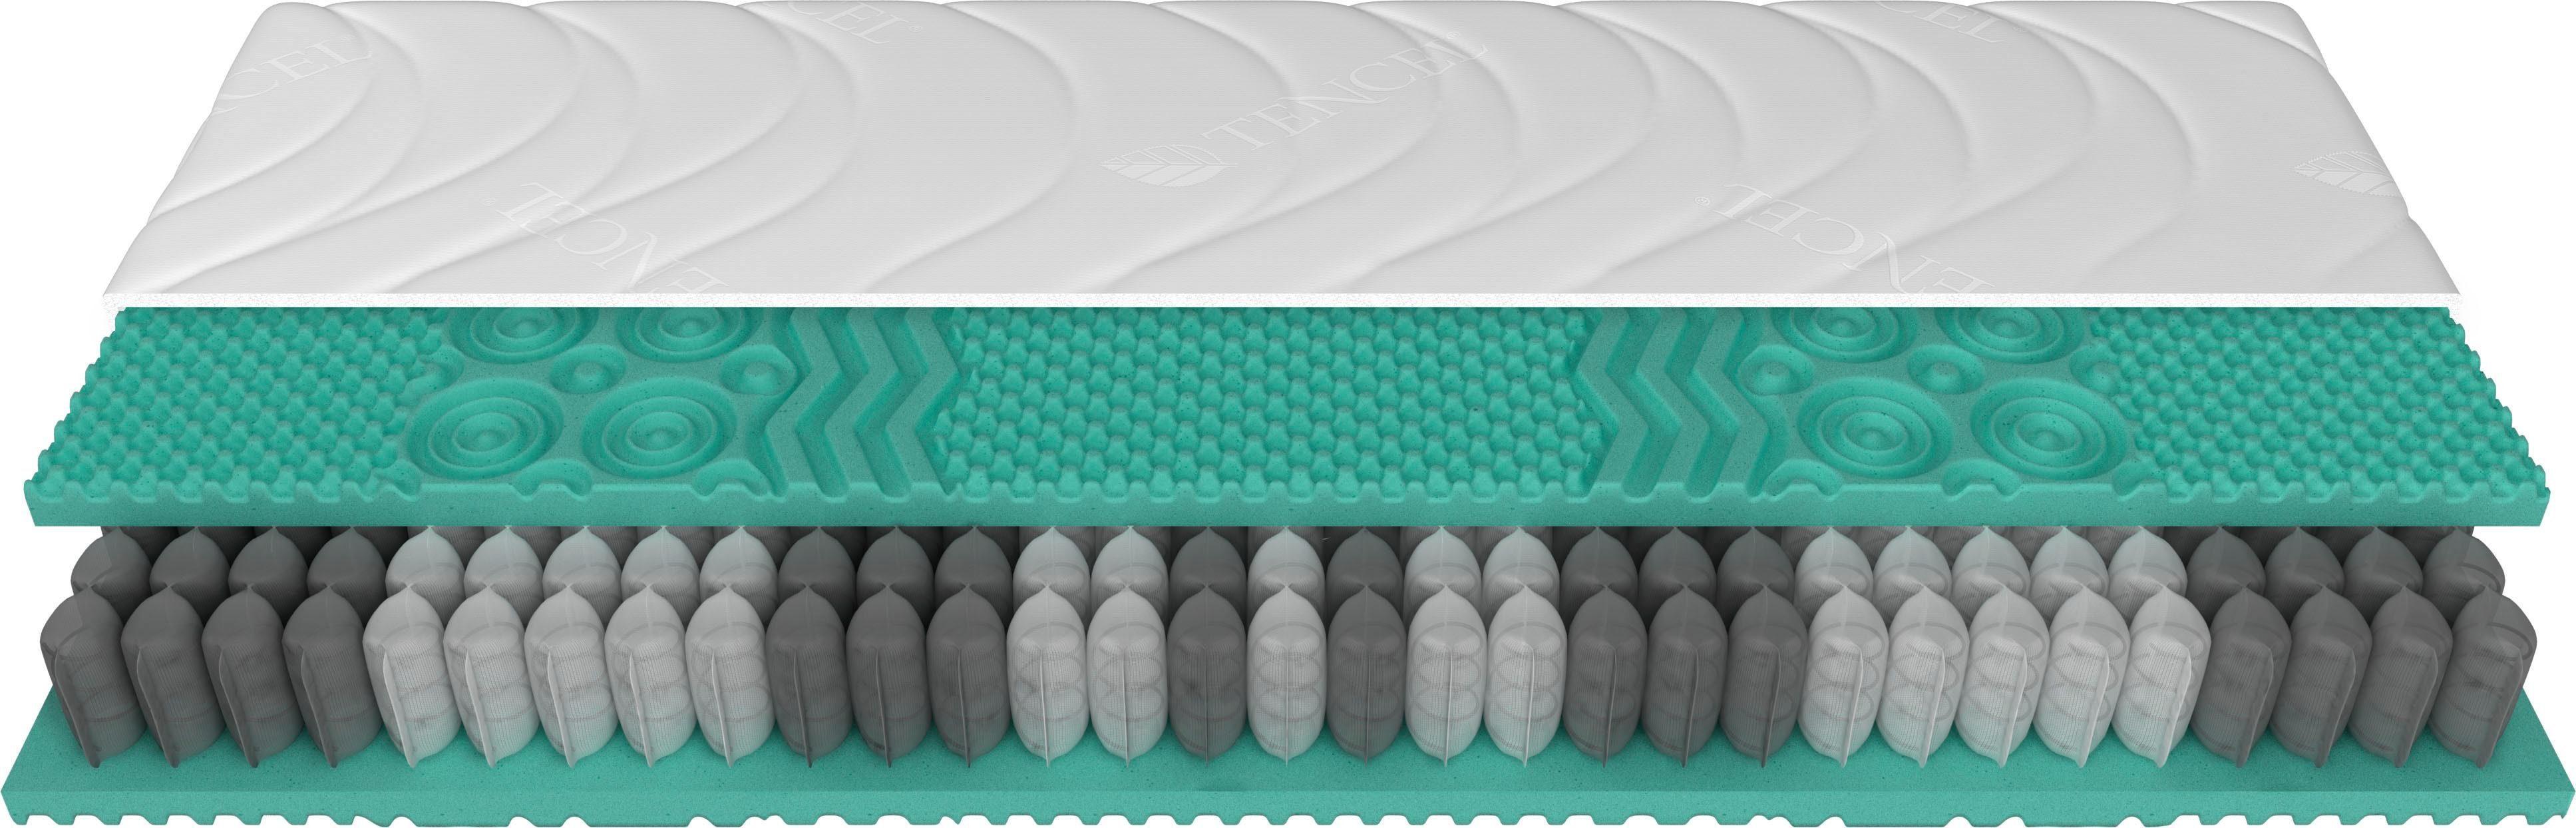 Taschenfederkernmatratze Superior 22 TFK Schlaraffia 22 cm hoch